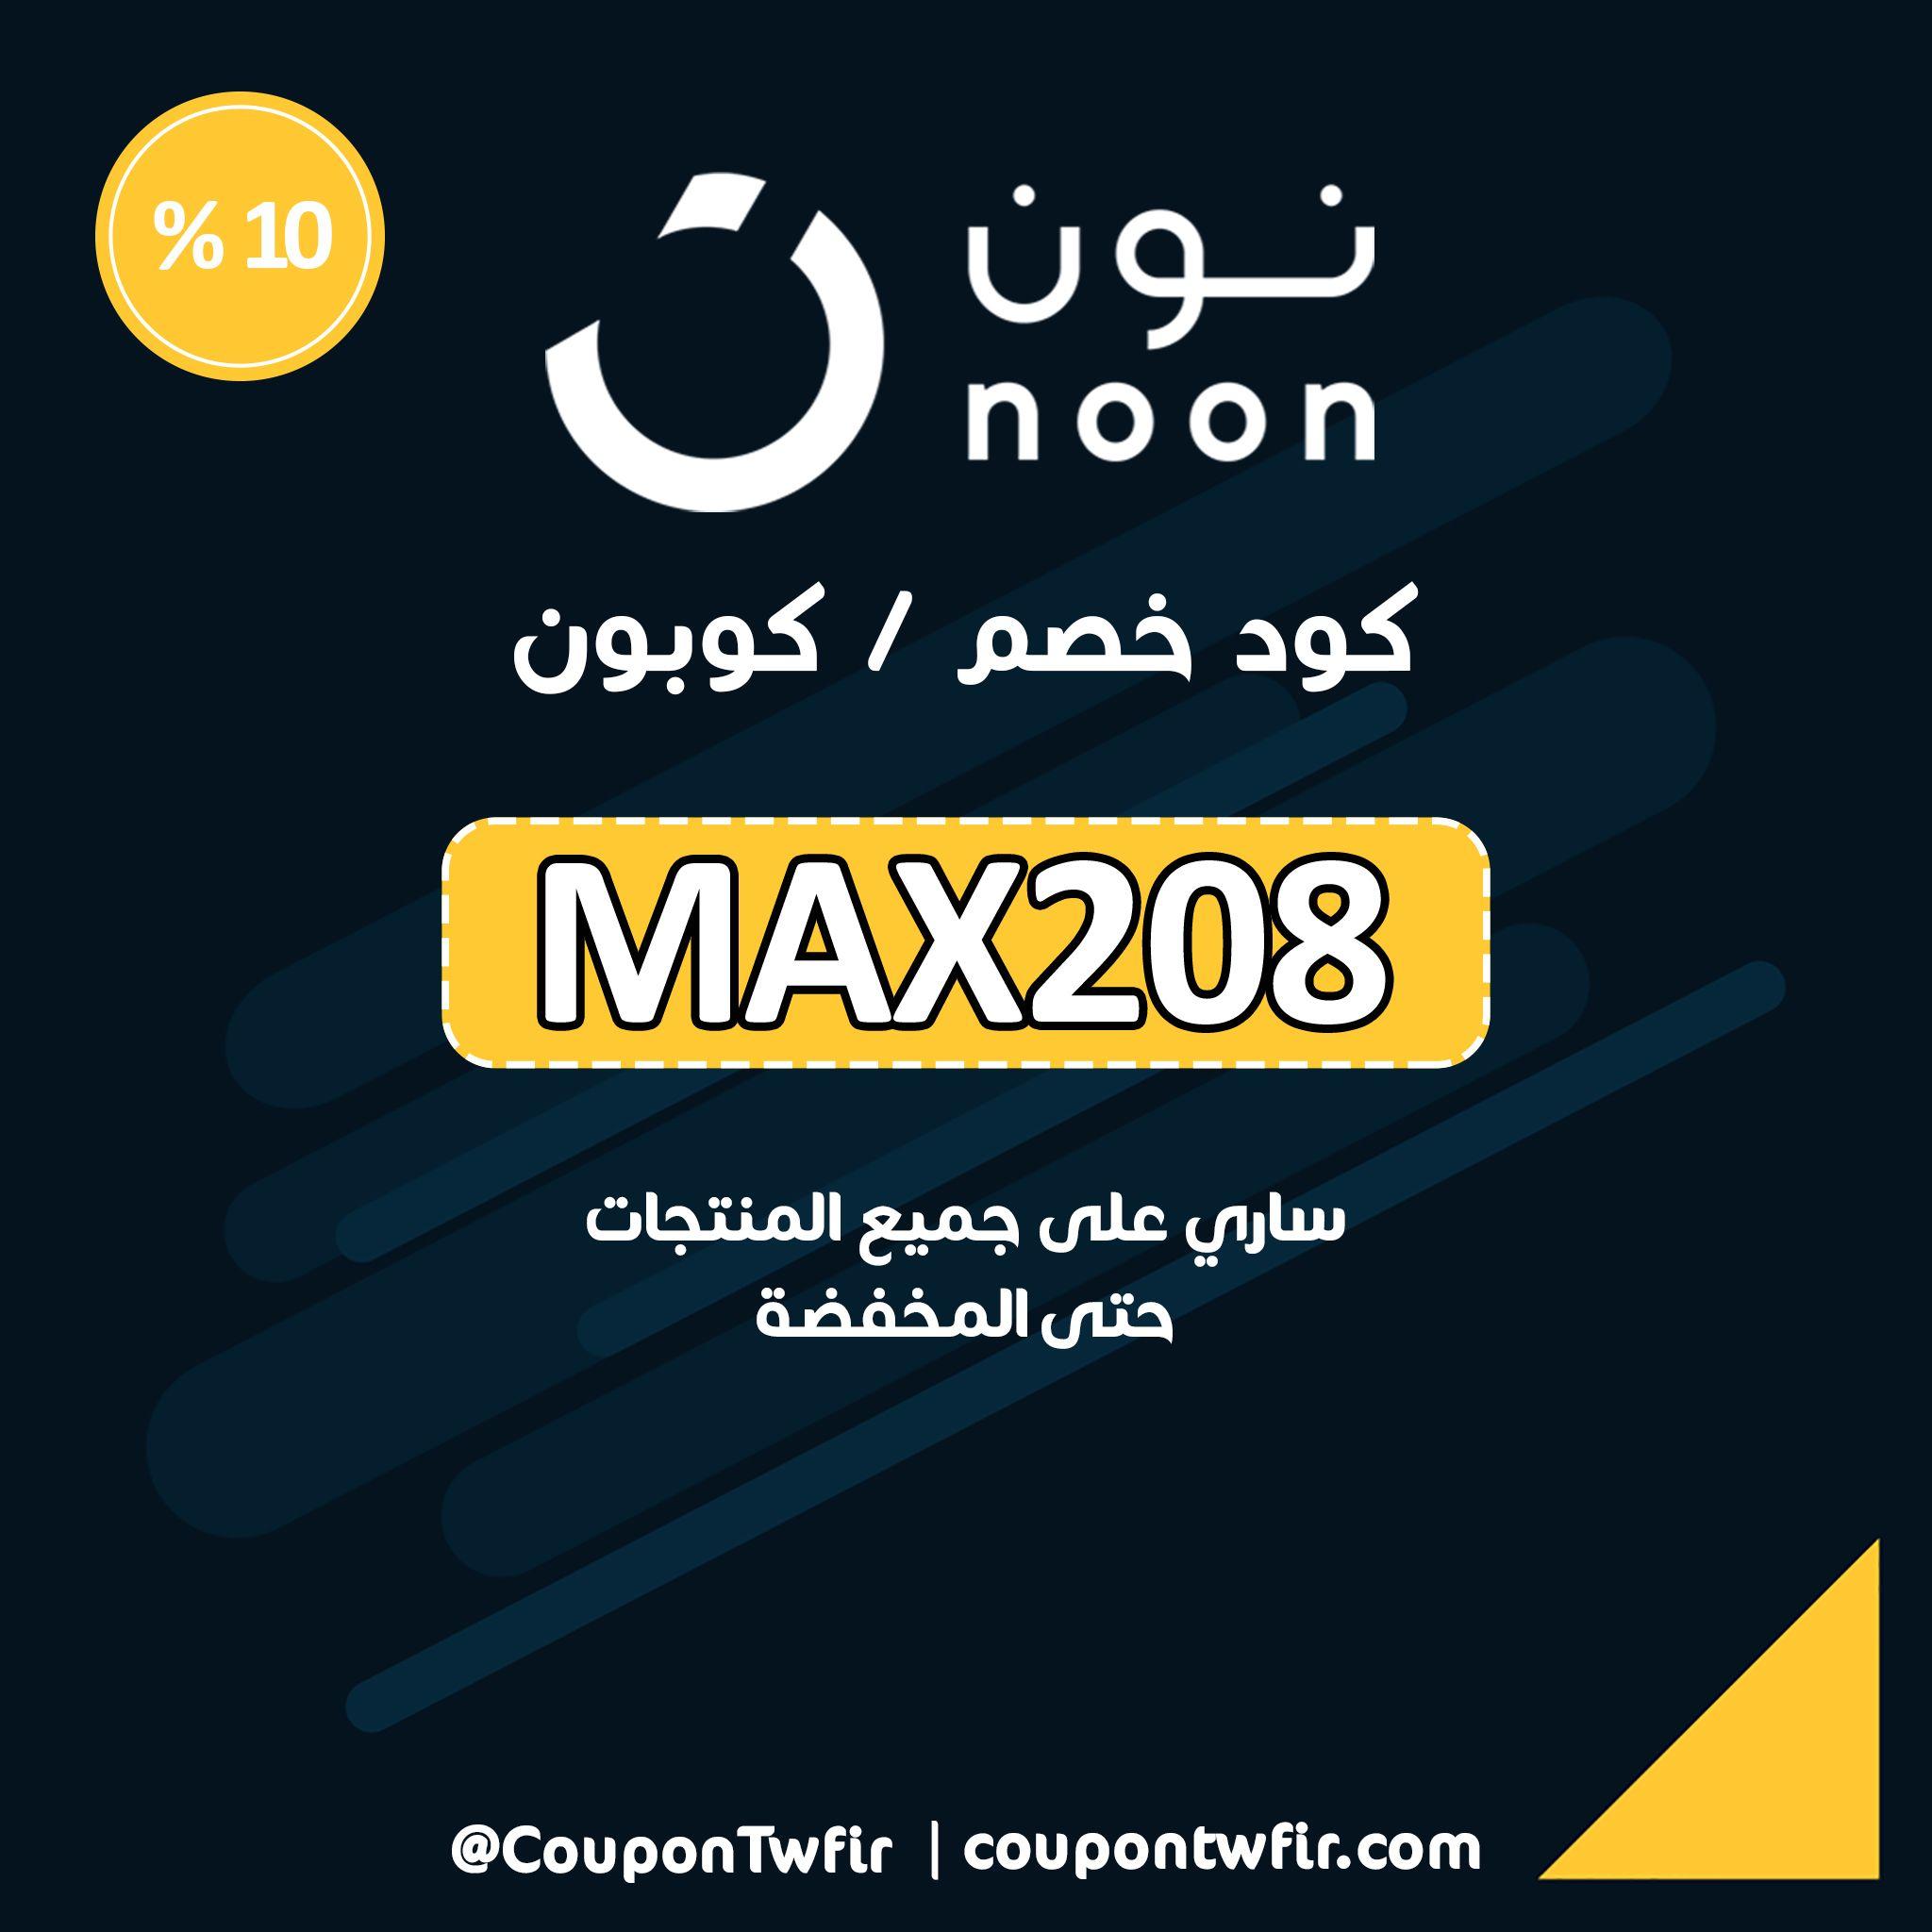 كود خصم نون مصر تخفيضات تصل إلى 10 على جميع المنتجات Tech Company Logos 10 Things Company Logo